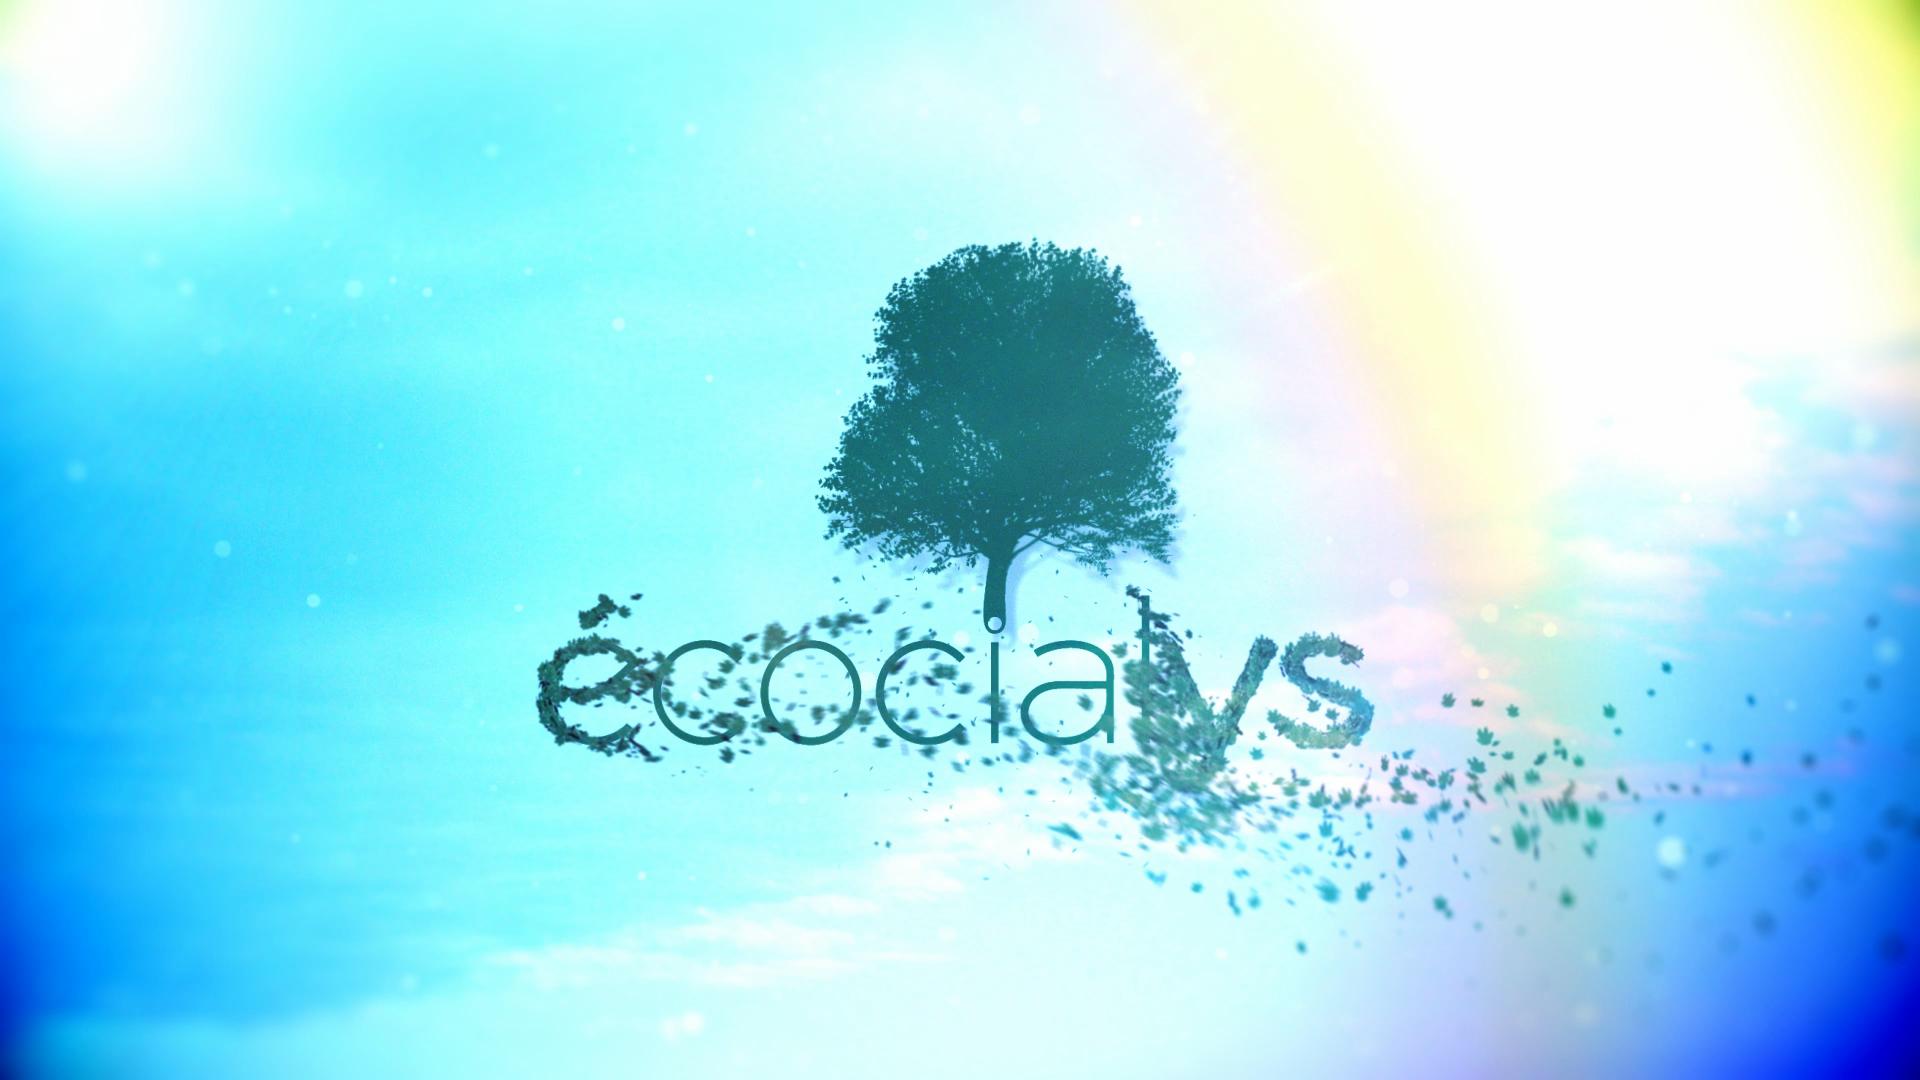 Ecocialys